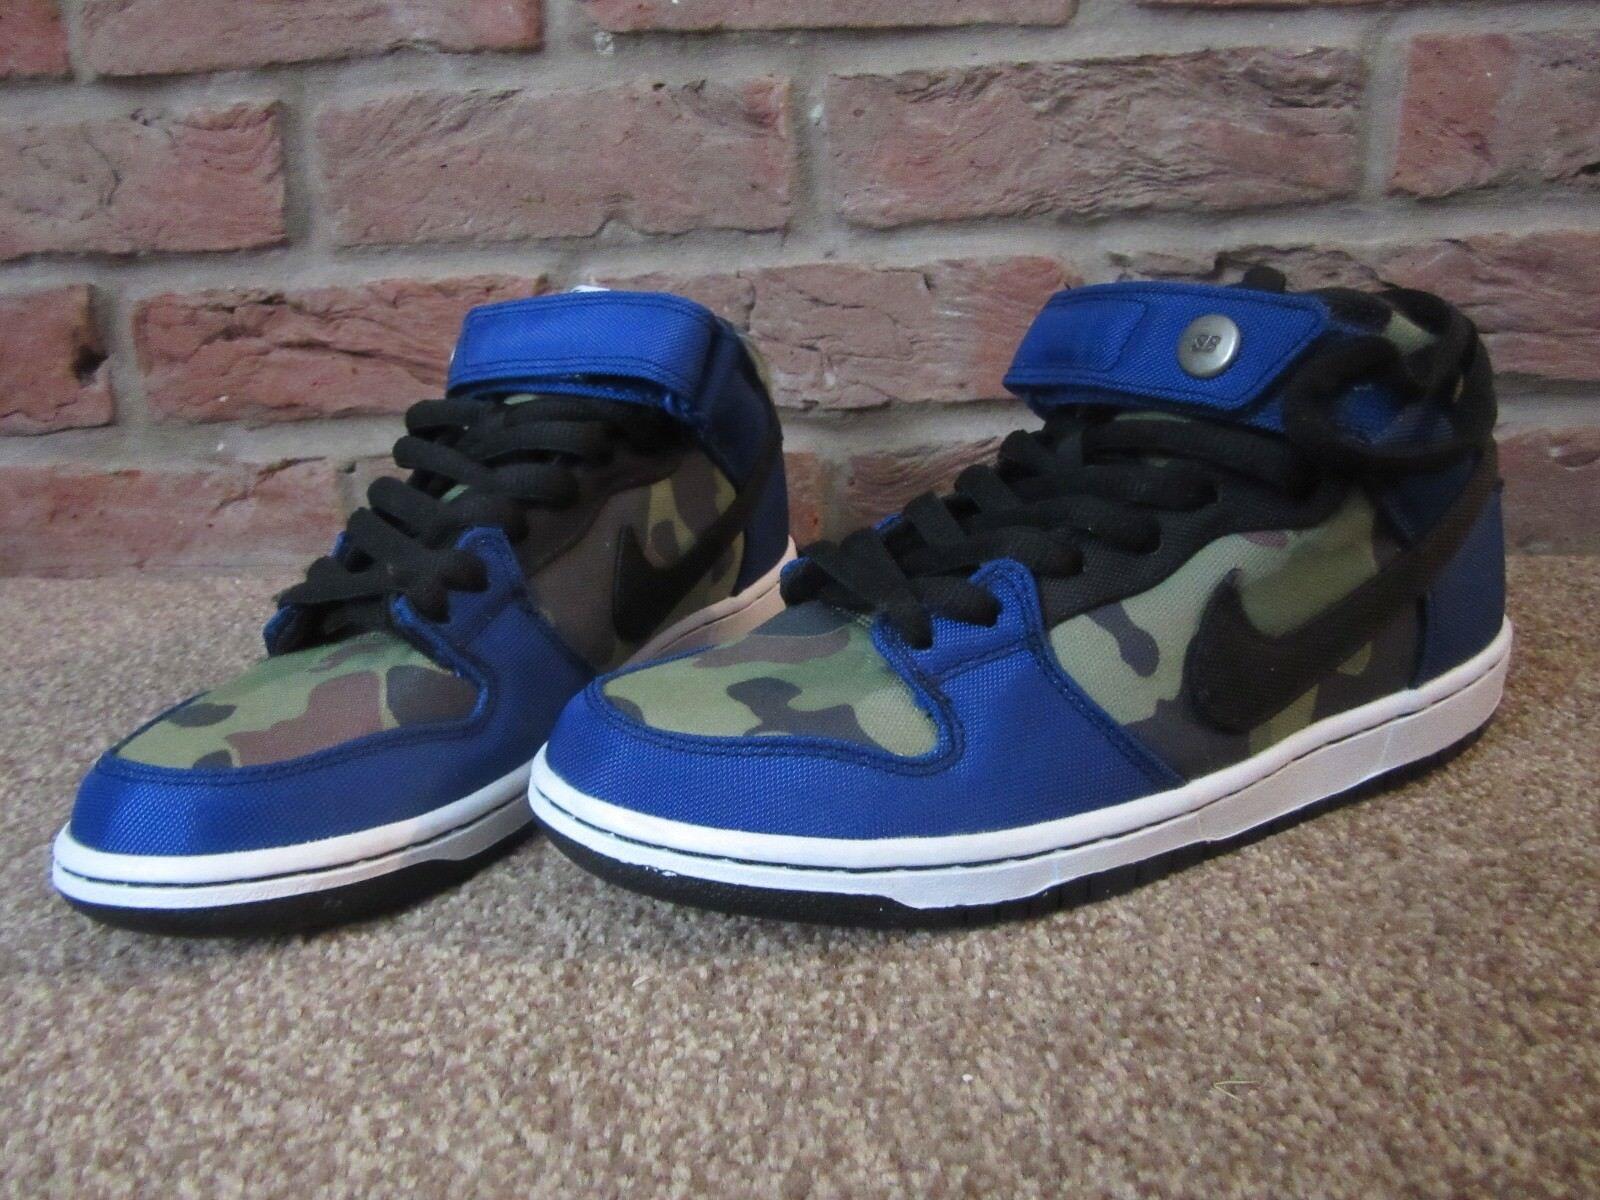 NEW6 homme NIKE Trainers noir Bleu Lace vert Camo Skate chaussures Lace Bleu Up Canvas 6d0931